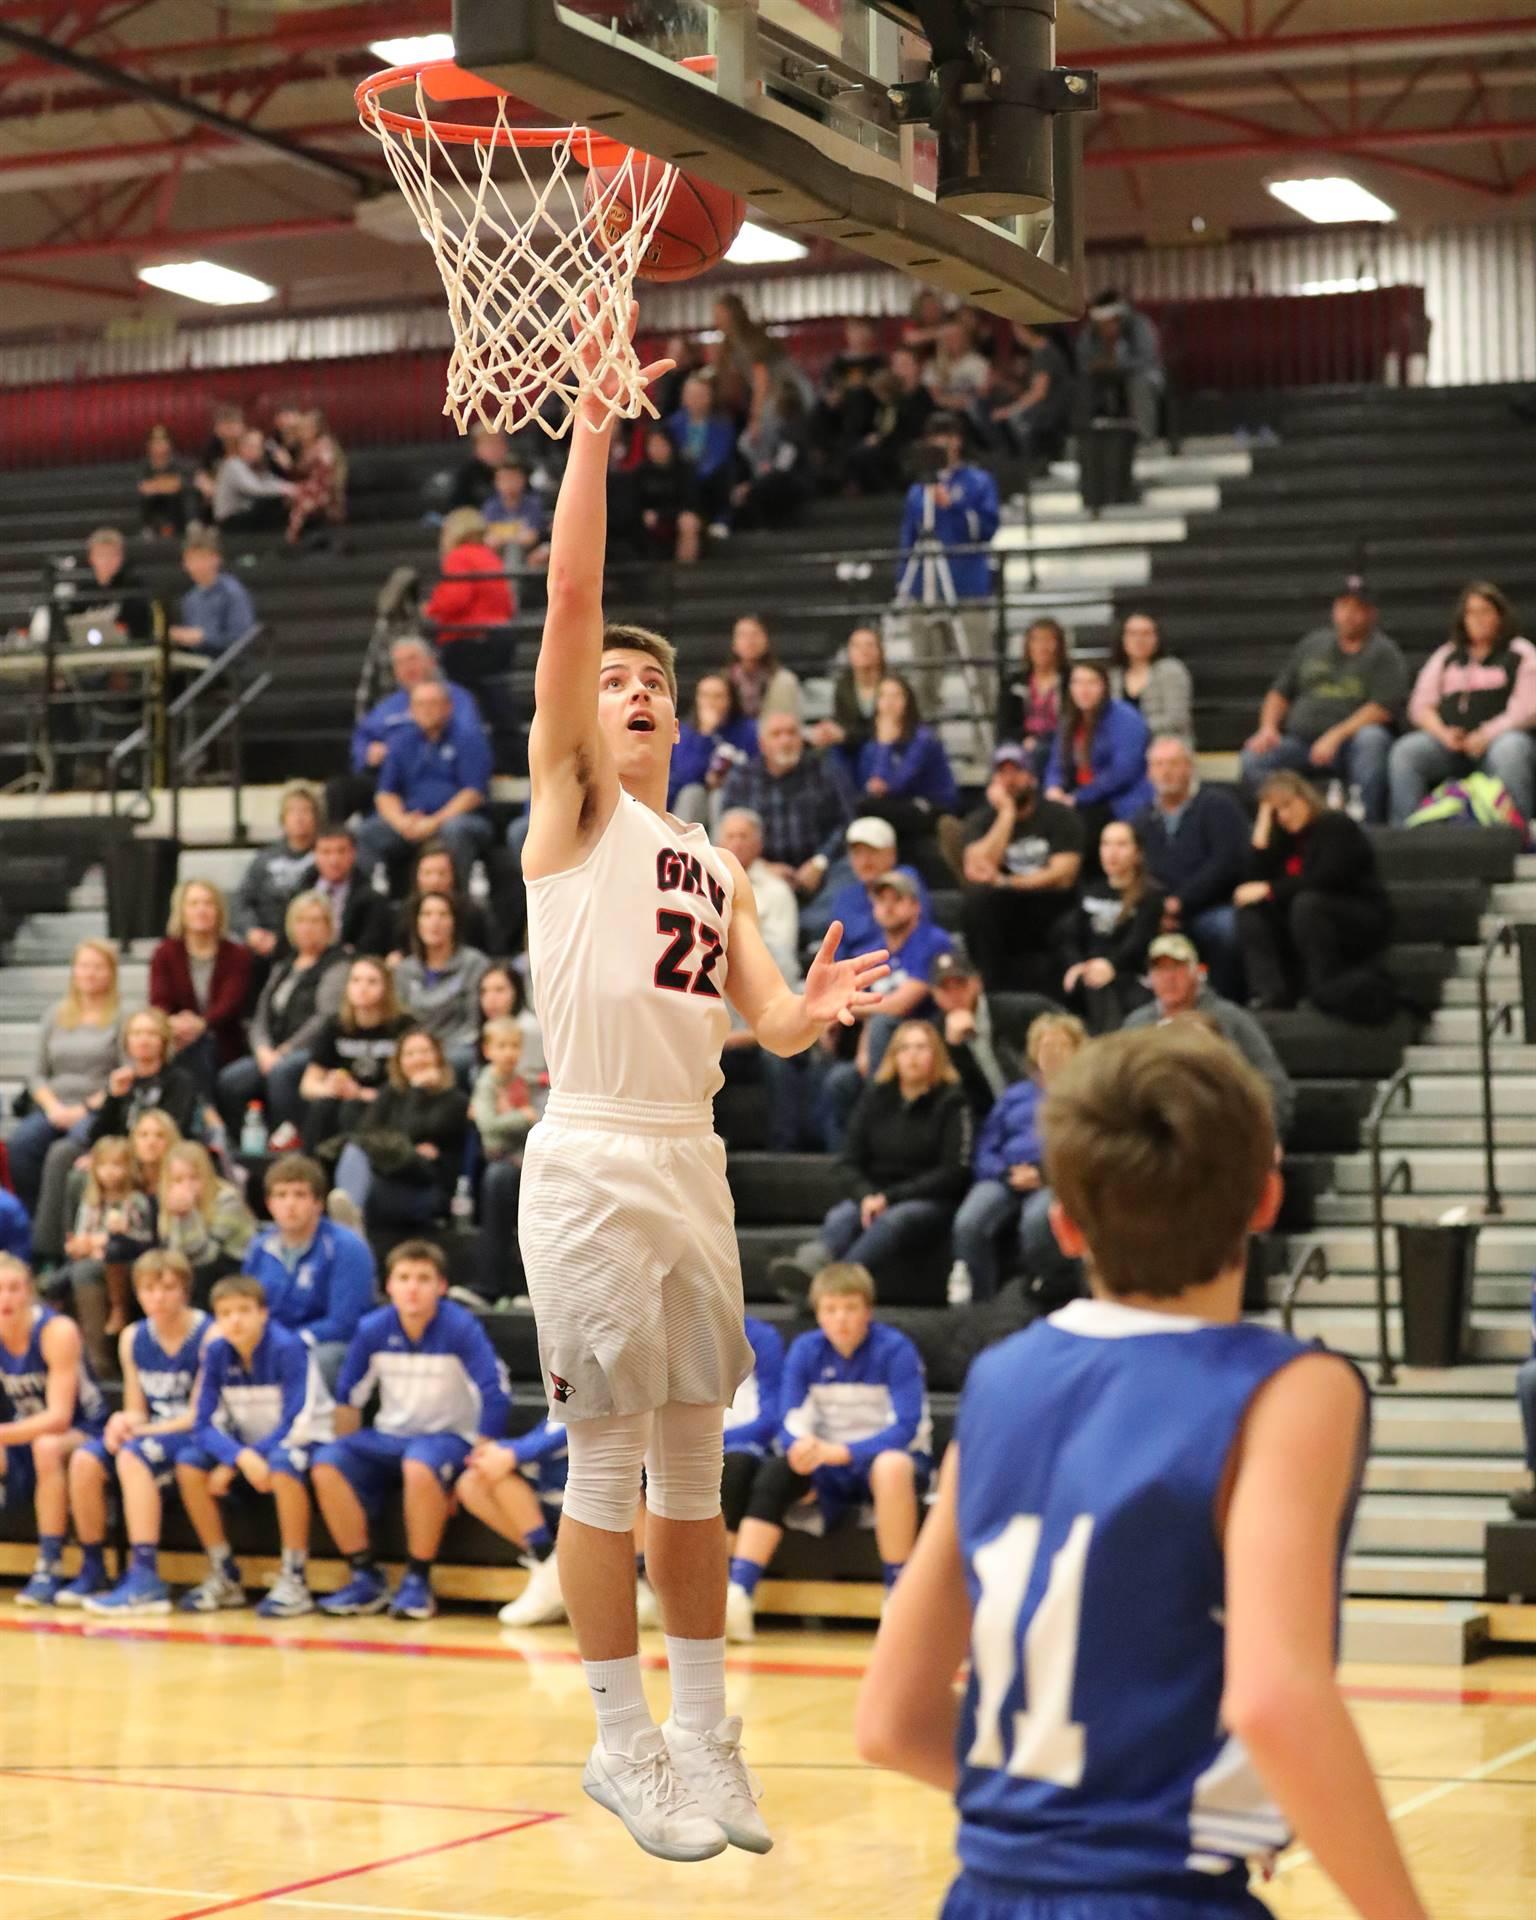 Basketball player shooting the basketball